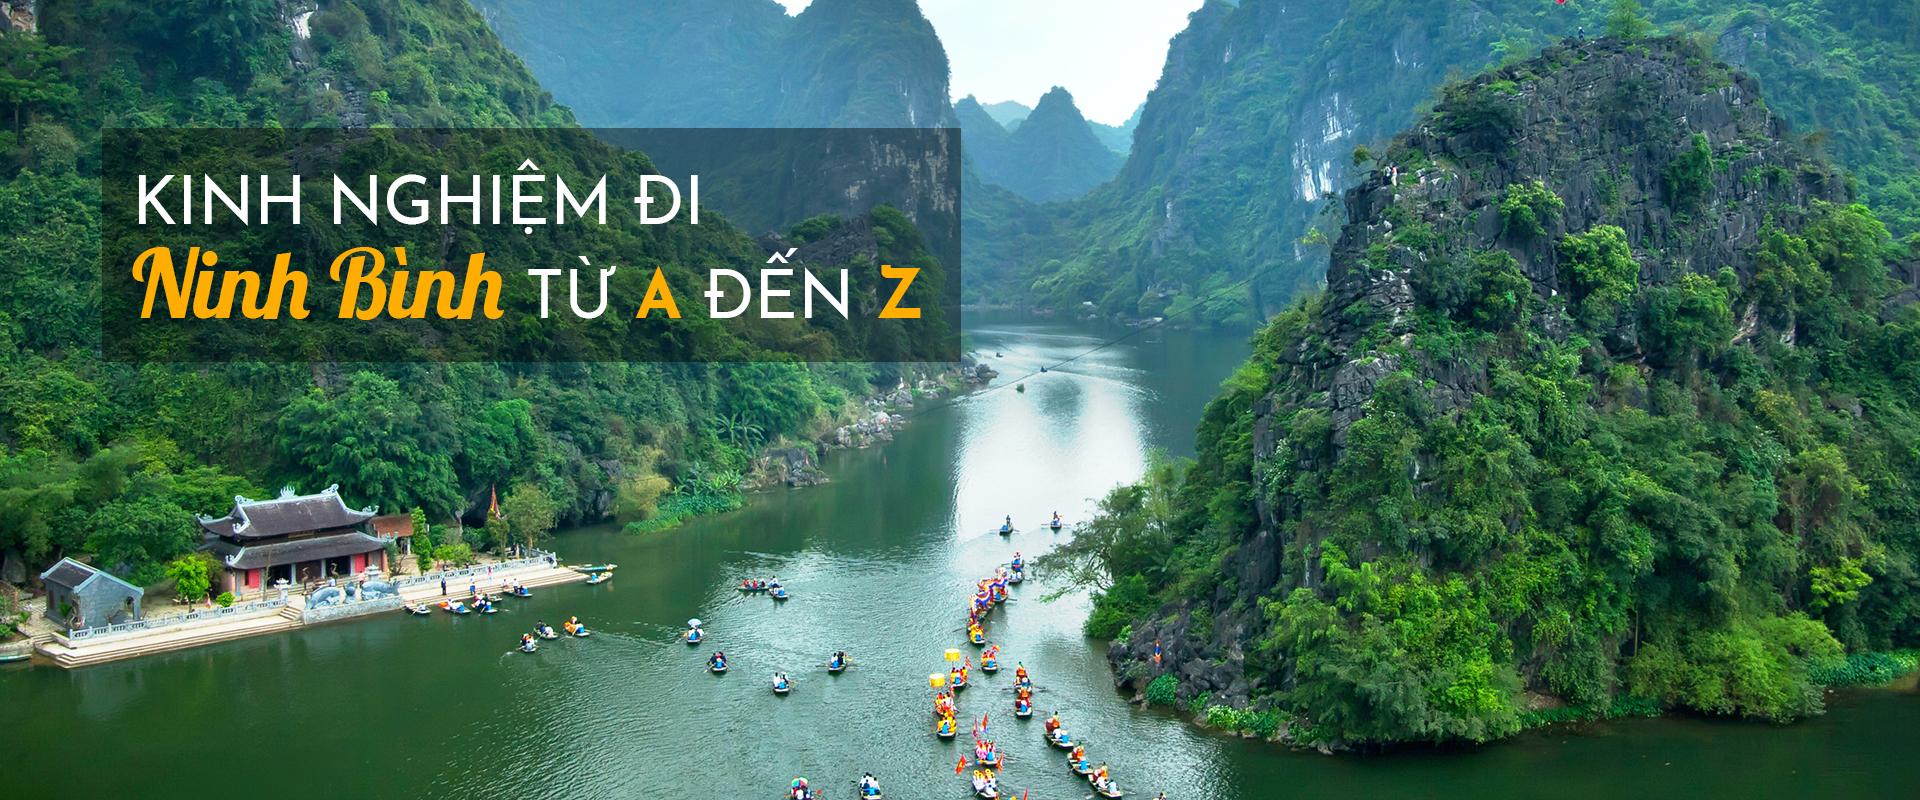 Kinh nghiệm du lịch Ninh Bình từ A đến Z